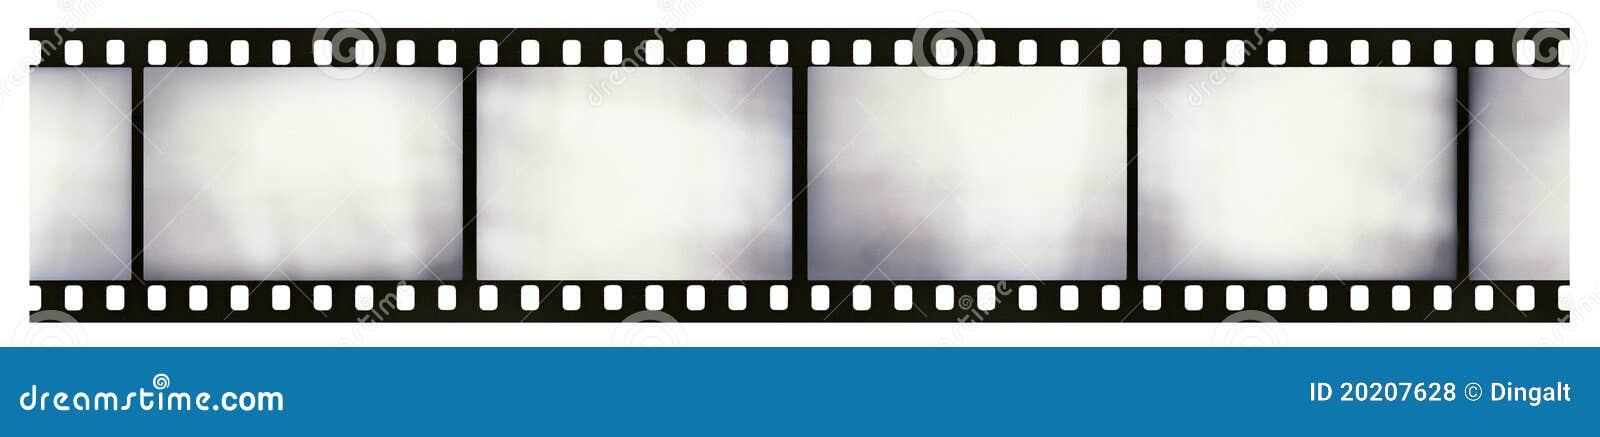 Light-leaked film strip